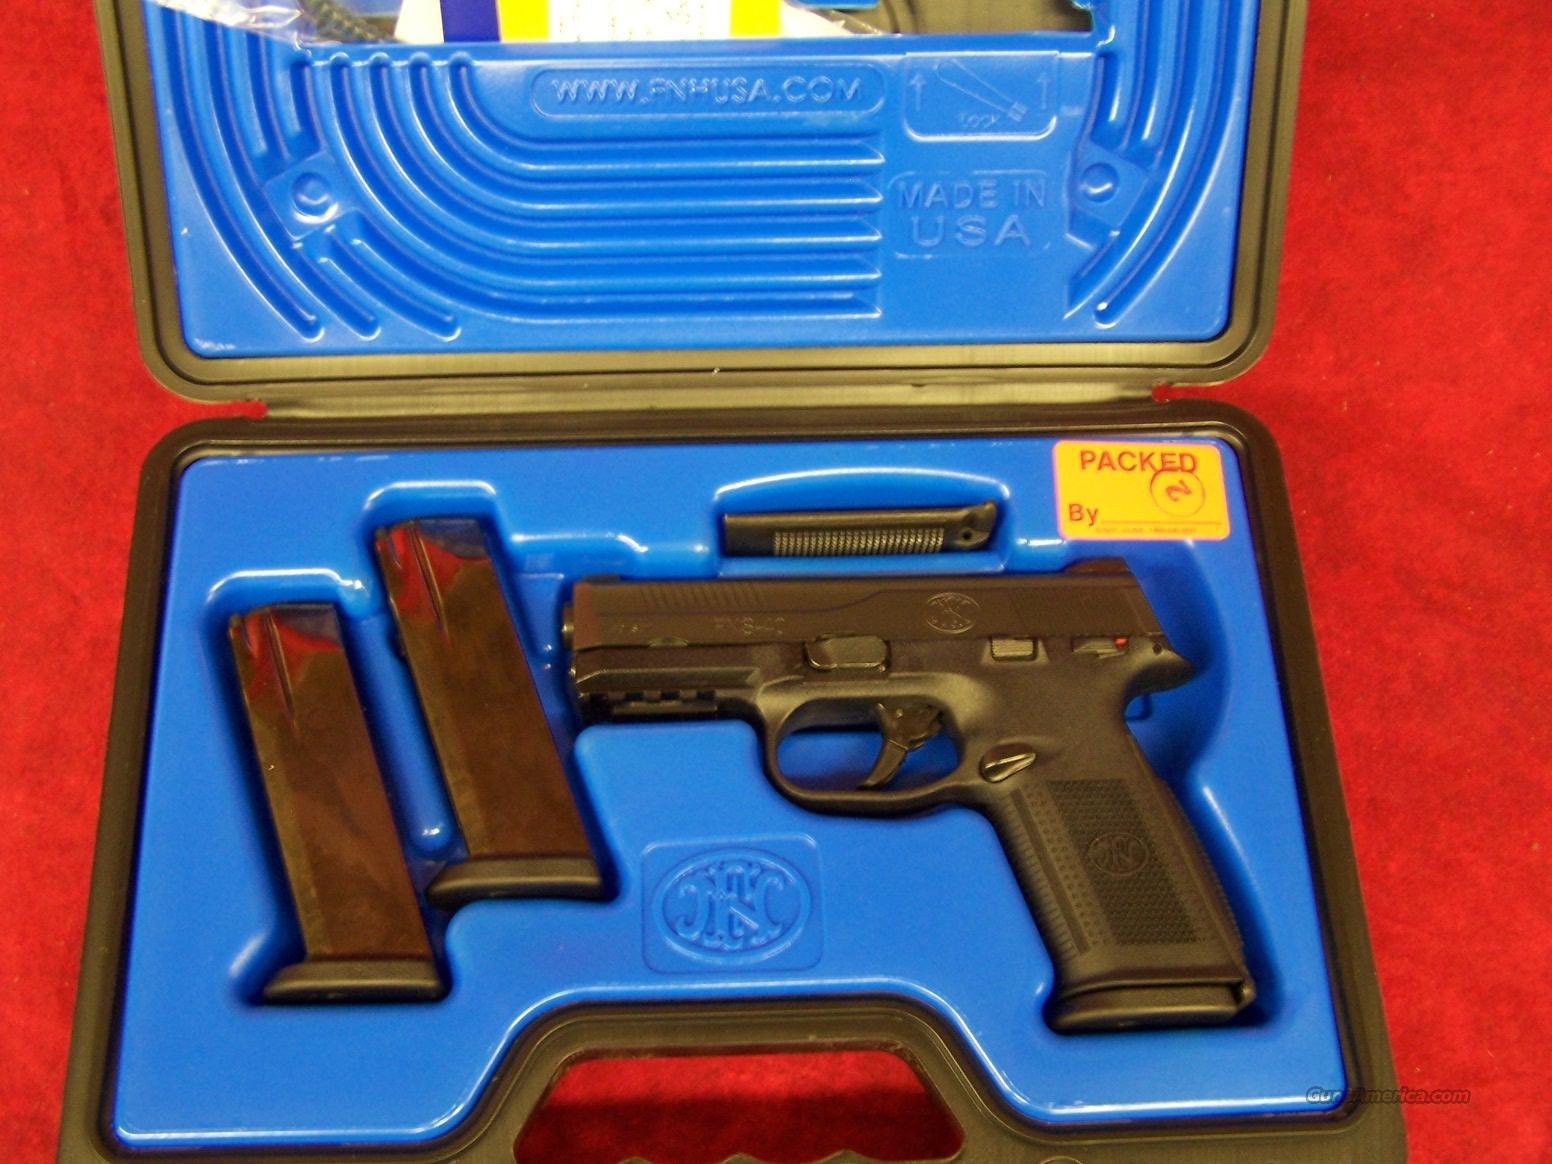 FNH FNS-40 Black 40 S&W (66942)  Guns > Pistols > FNH - Fabrique Nationale (FN) Pistols > FNP